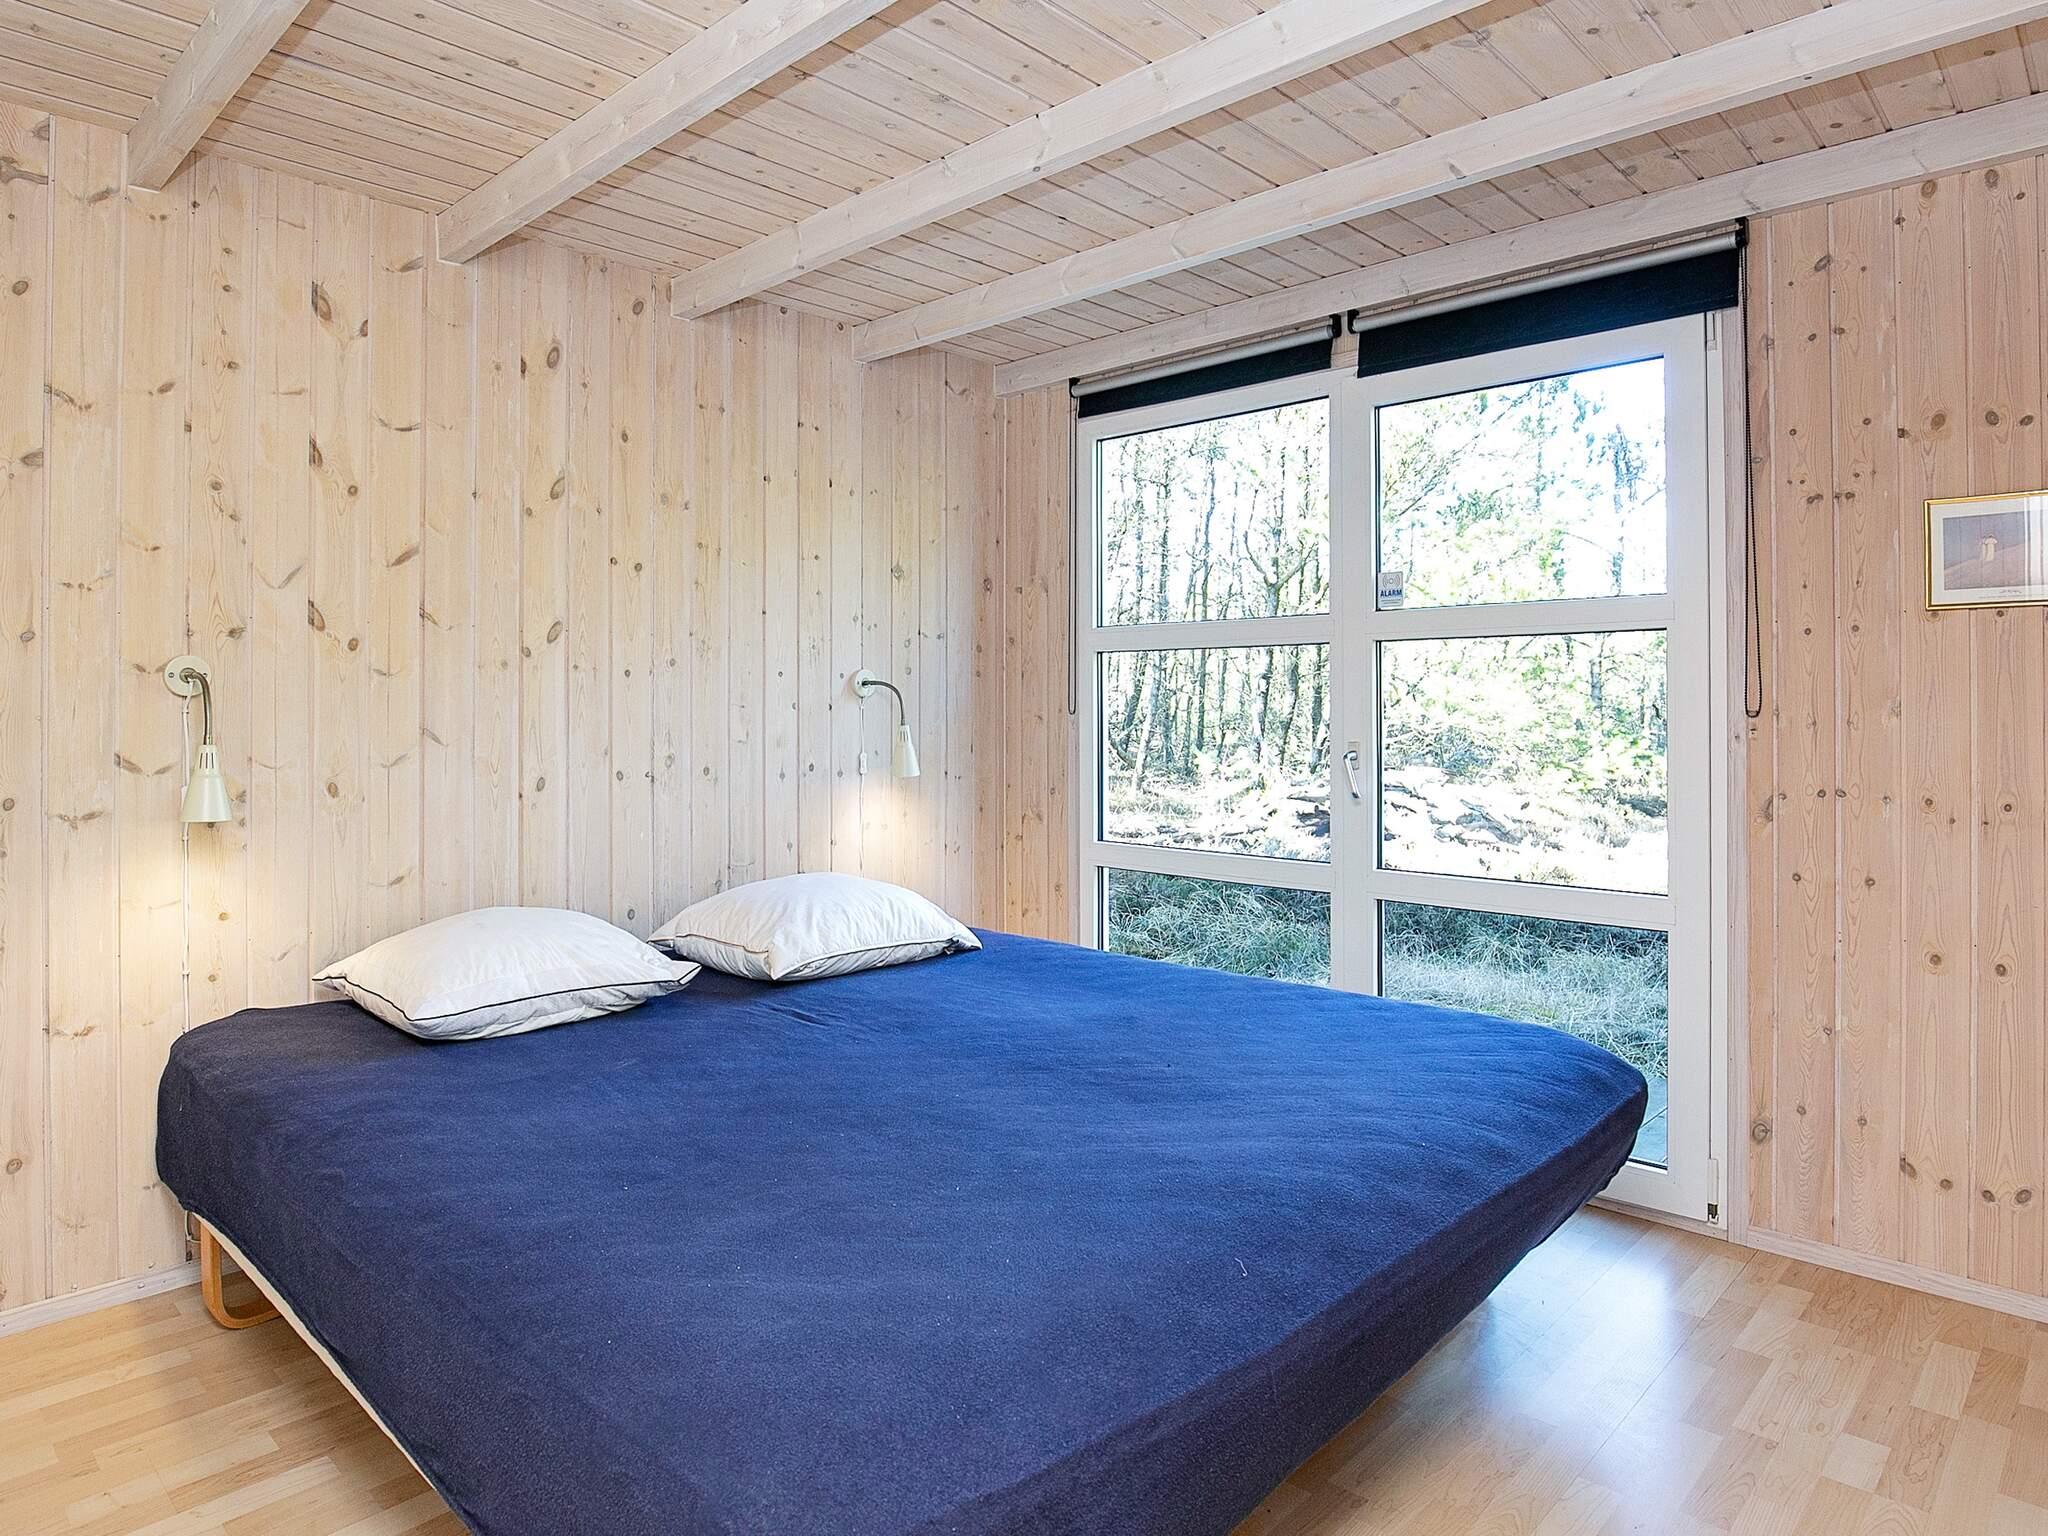 Ferienhaus Lodskovvad (314840), Lodskovvad, , Nordostjütland, Dänemark, Bild 14